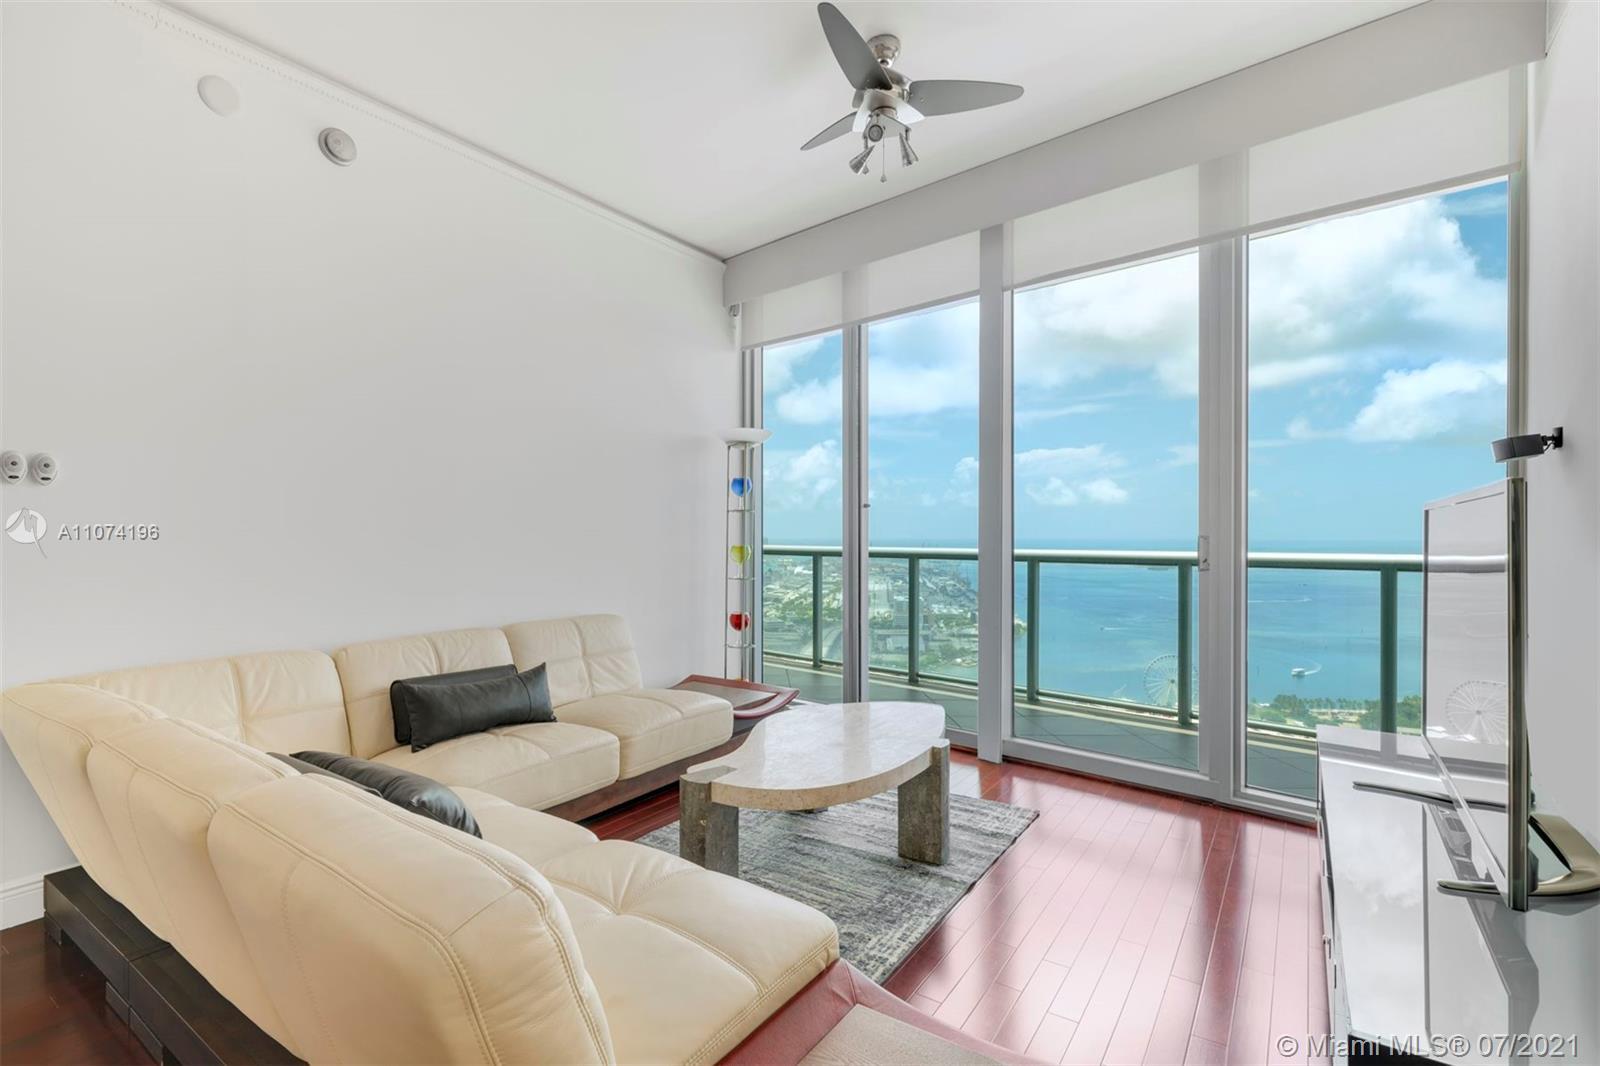 Marina Blue #5602 - 888 Biscayne Blvd #5602, Miami, FL 33132